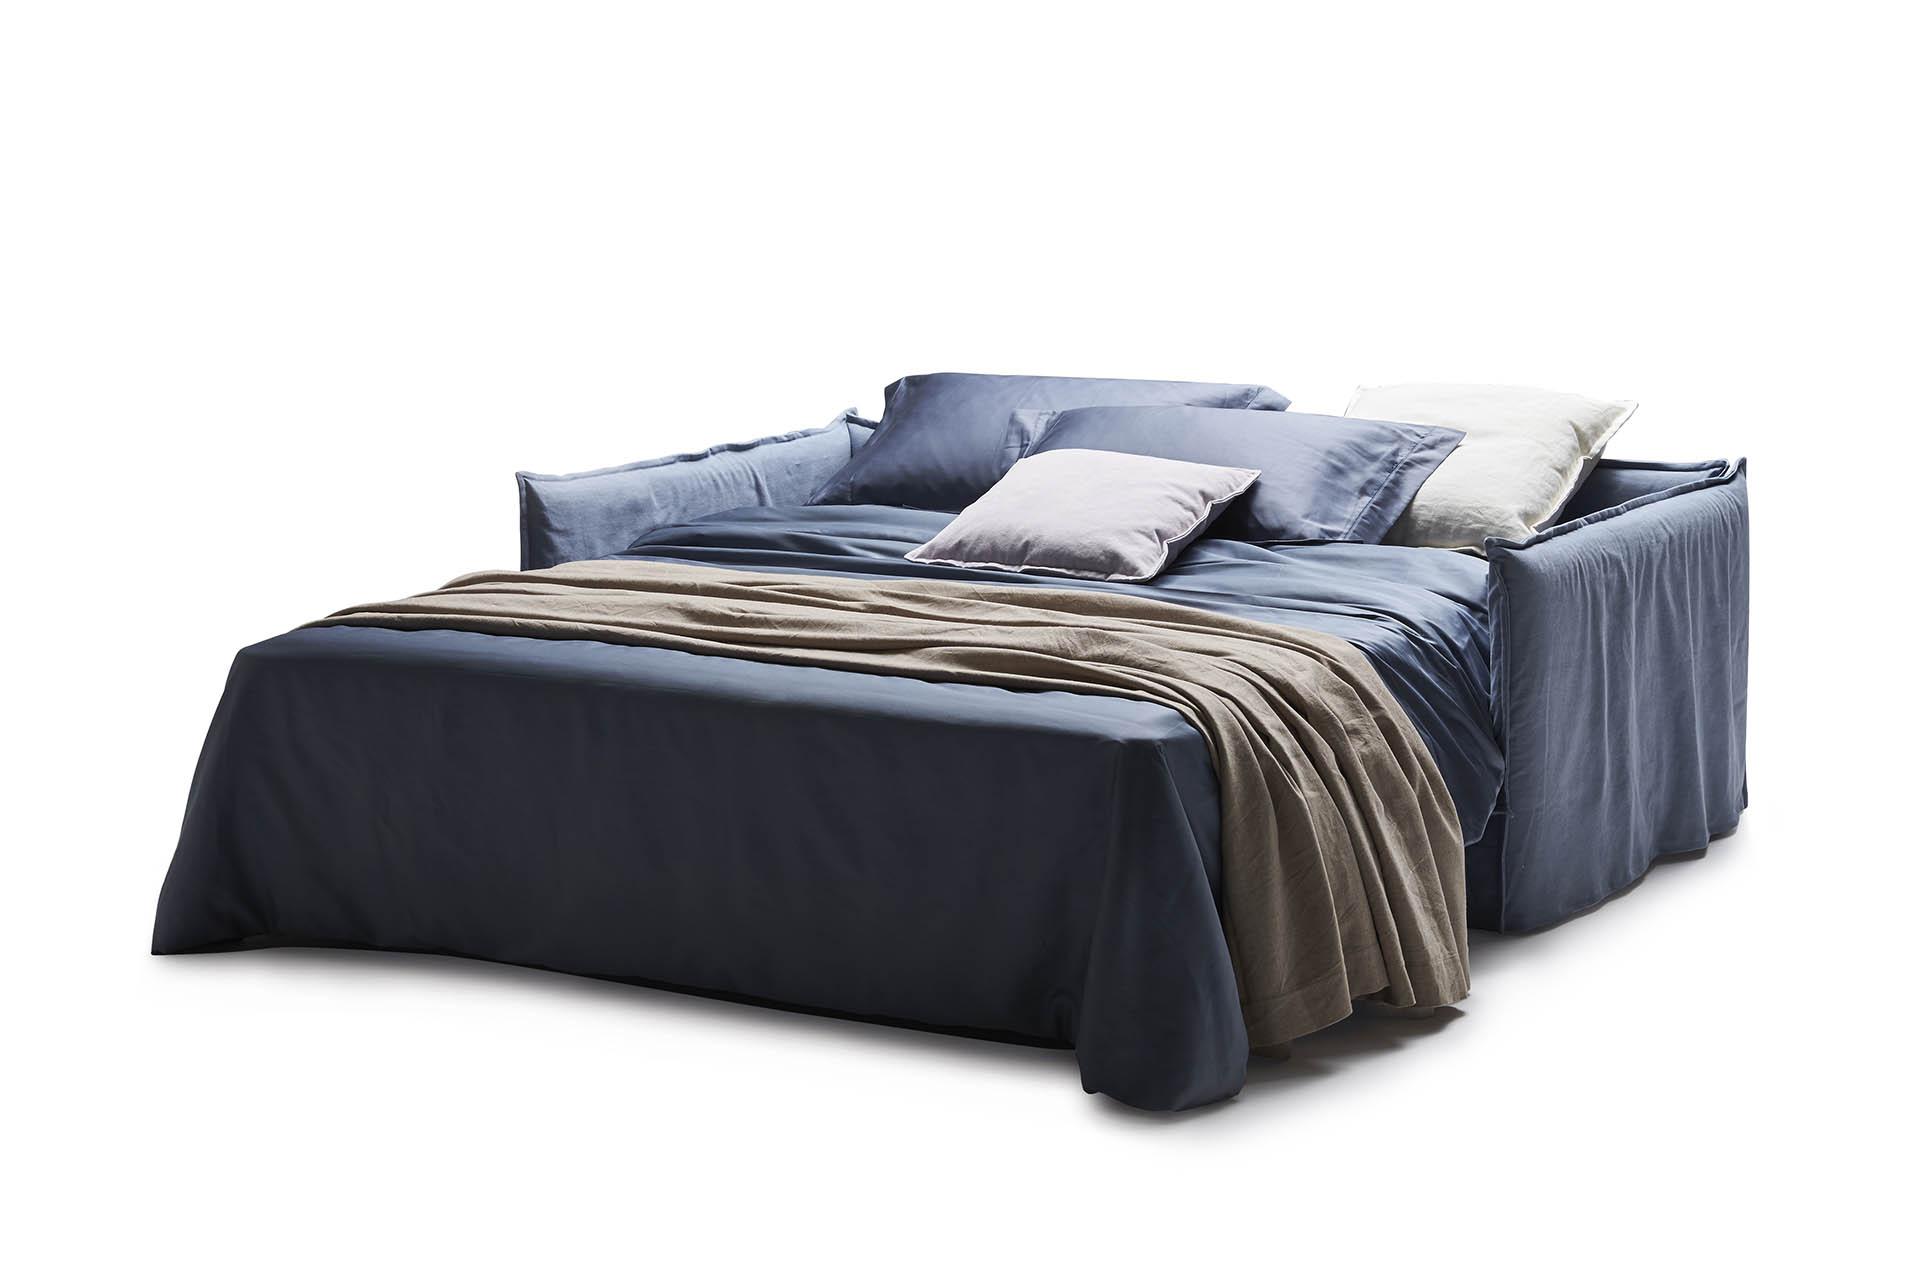 milano bedding divano letto clarke. Black Bedroom Furniture Sets. Home Design Ideas